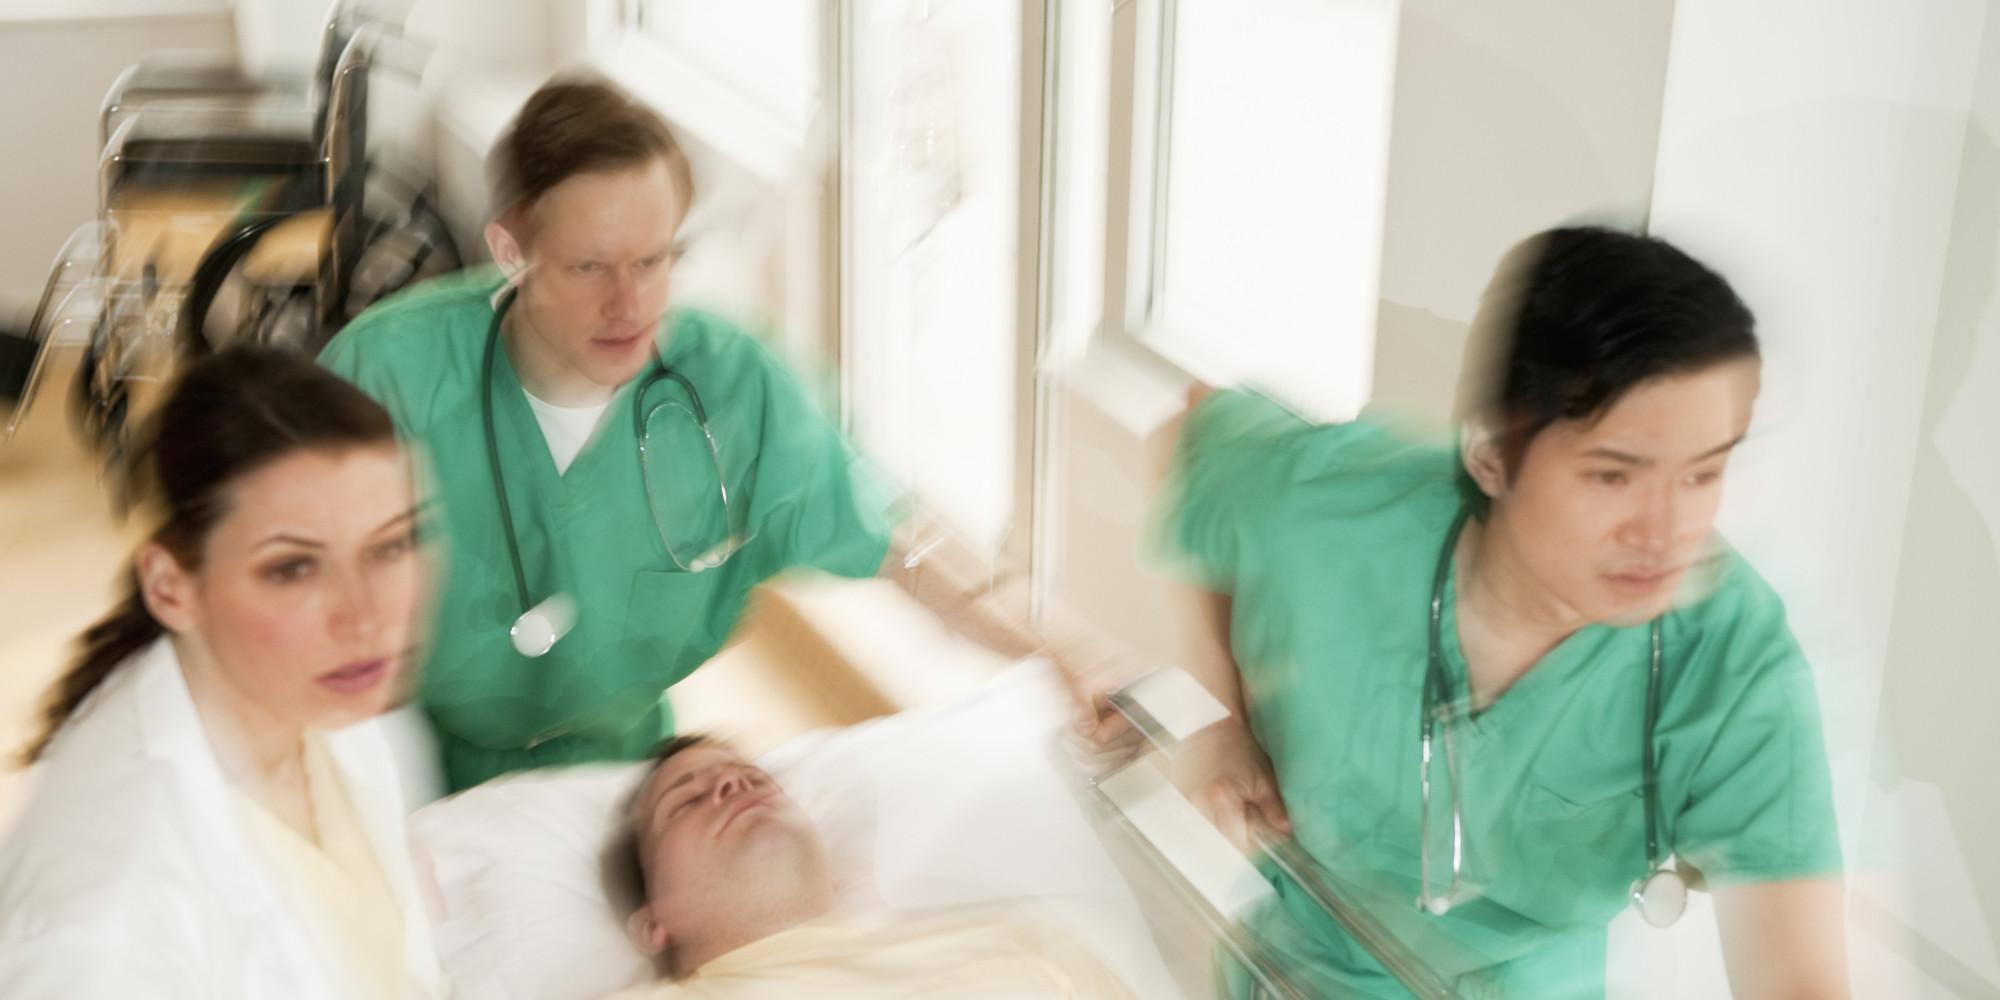 St John S Emergency Room